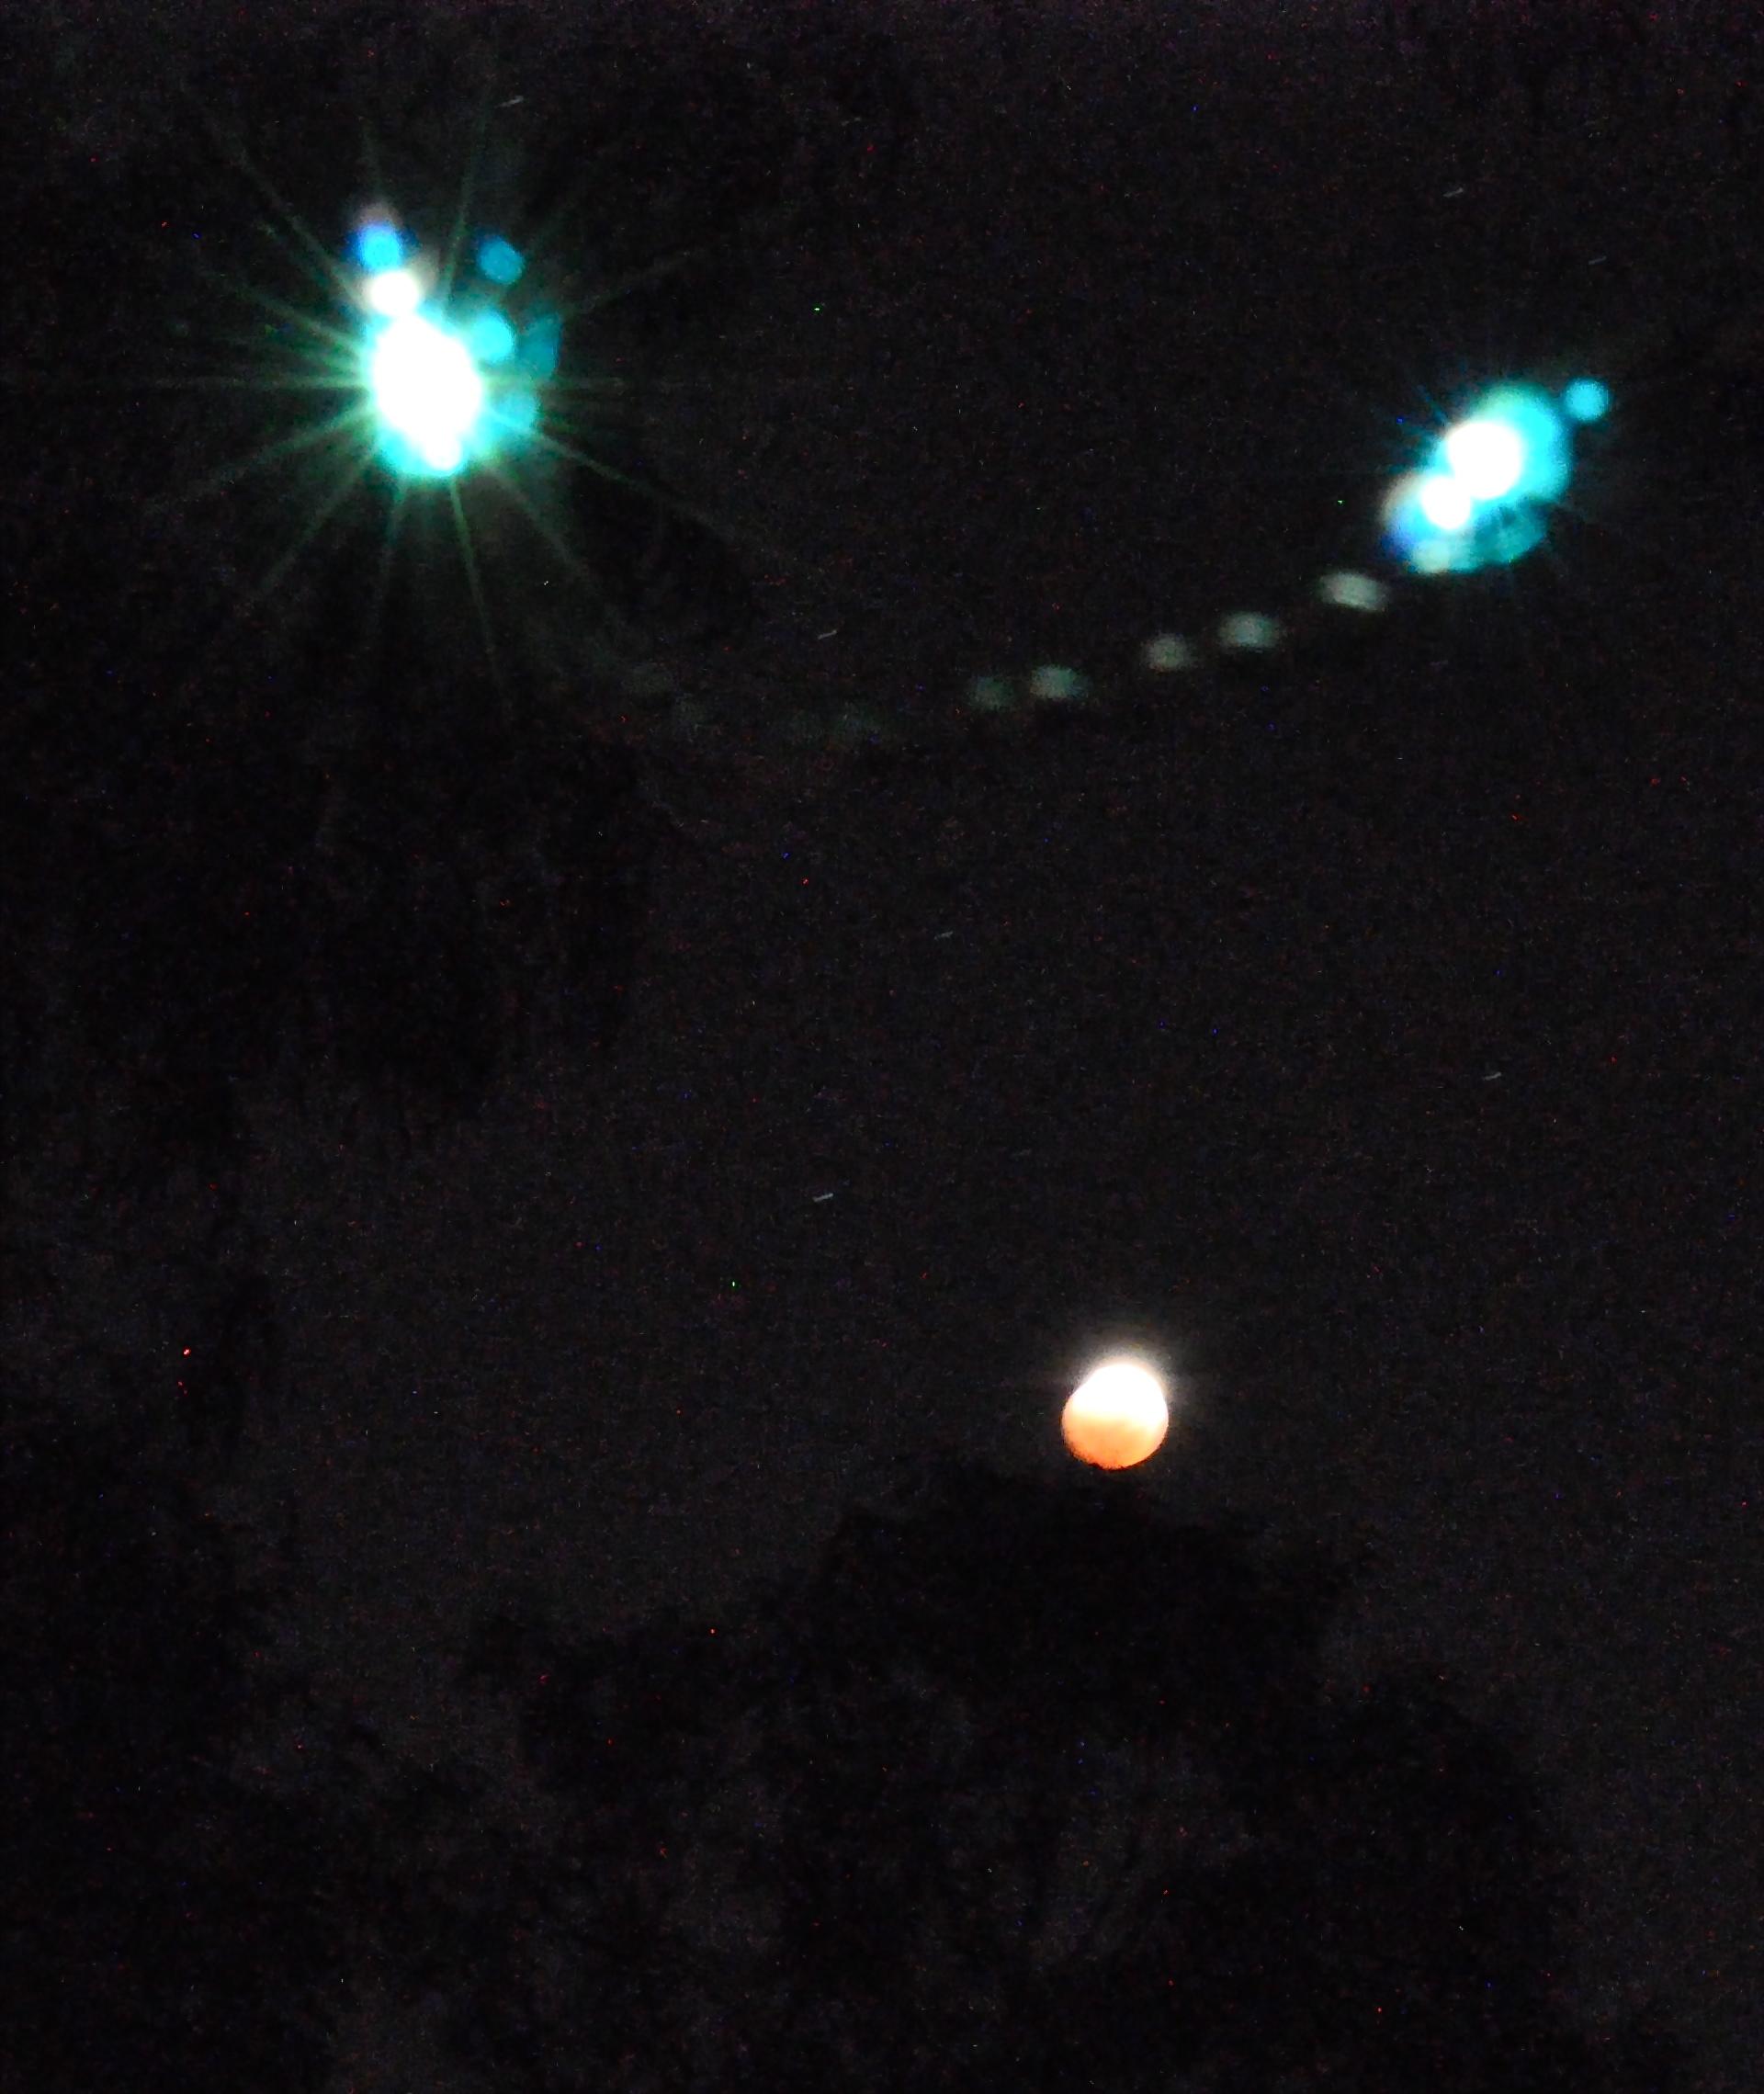 Lunar eclipse meets Christmas lights...